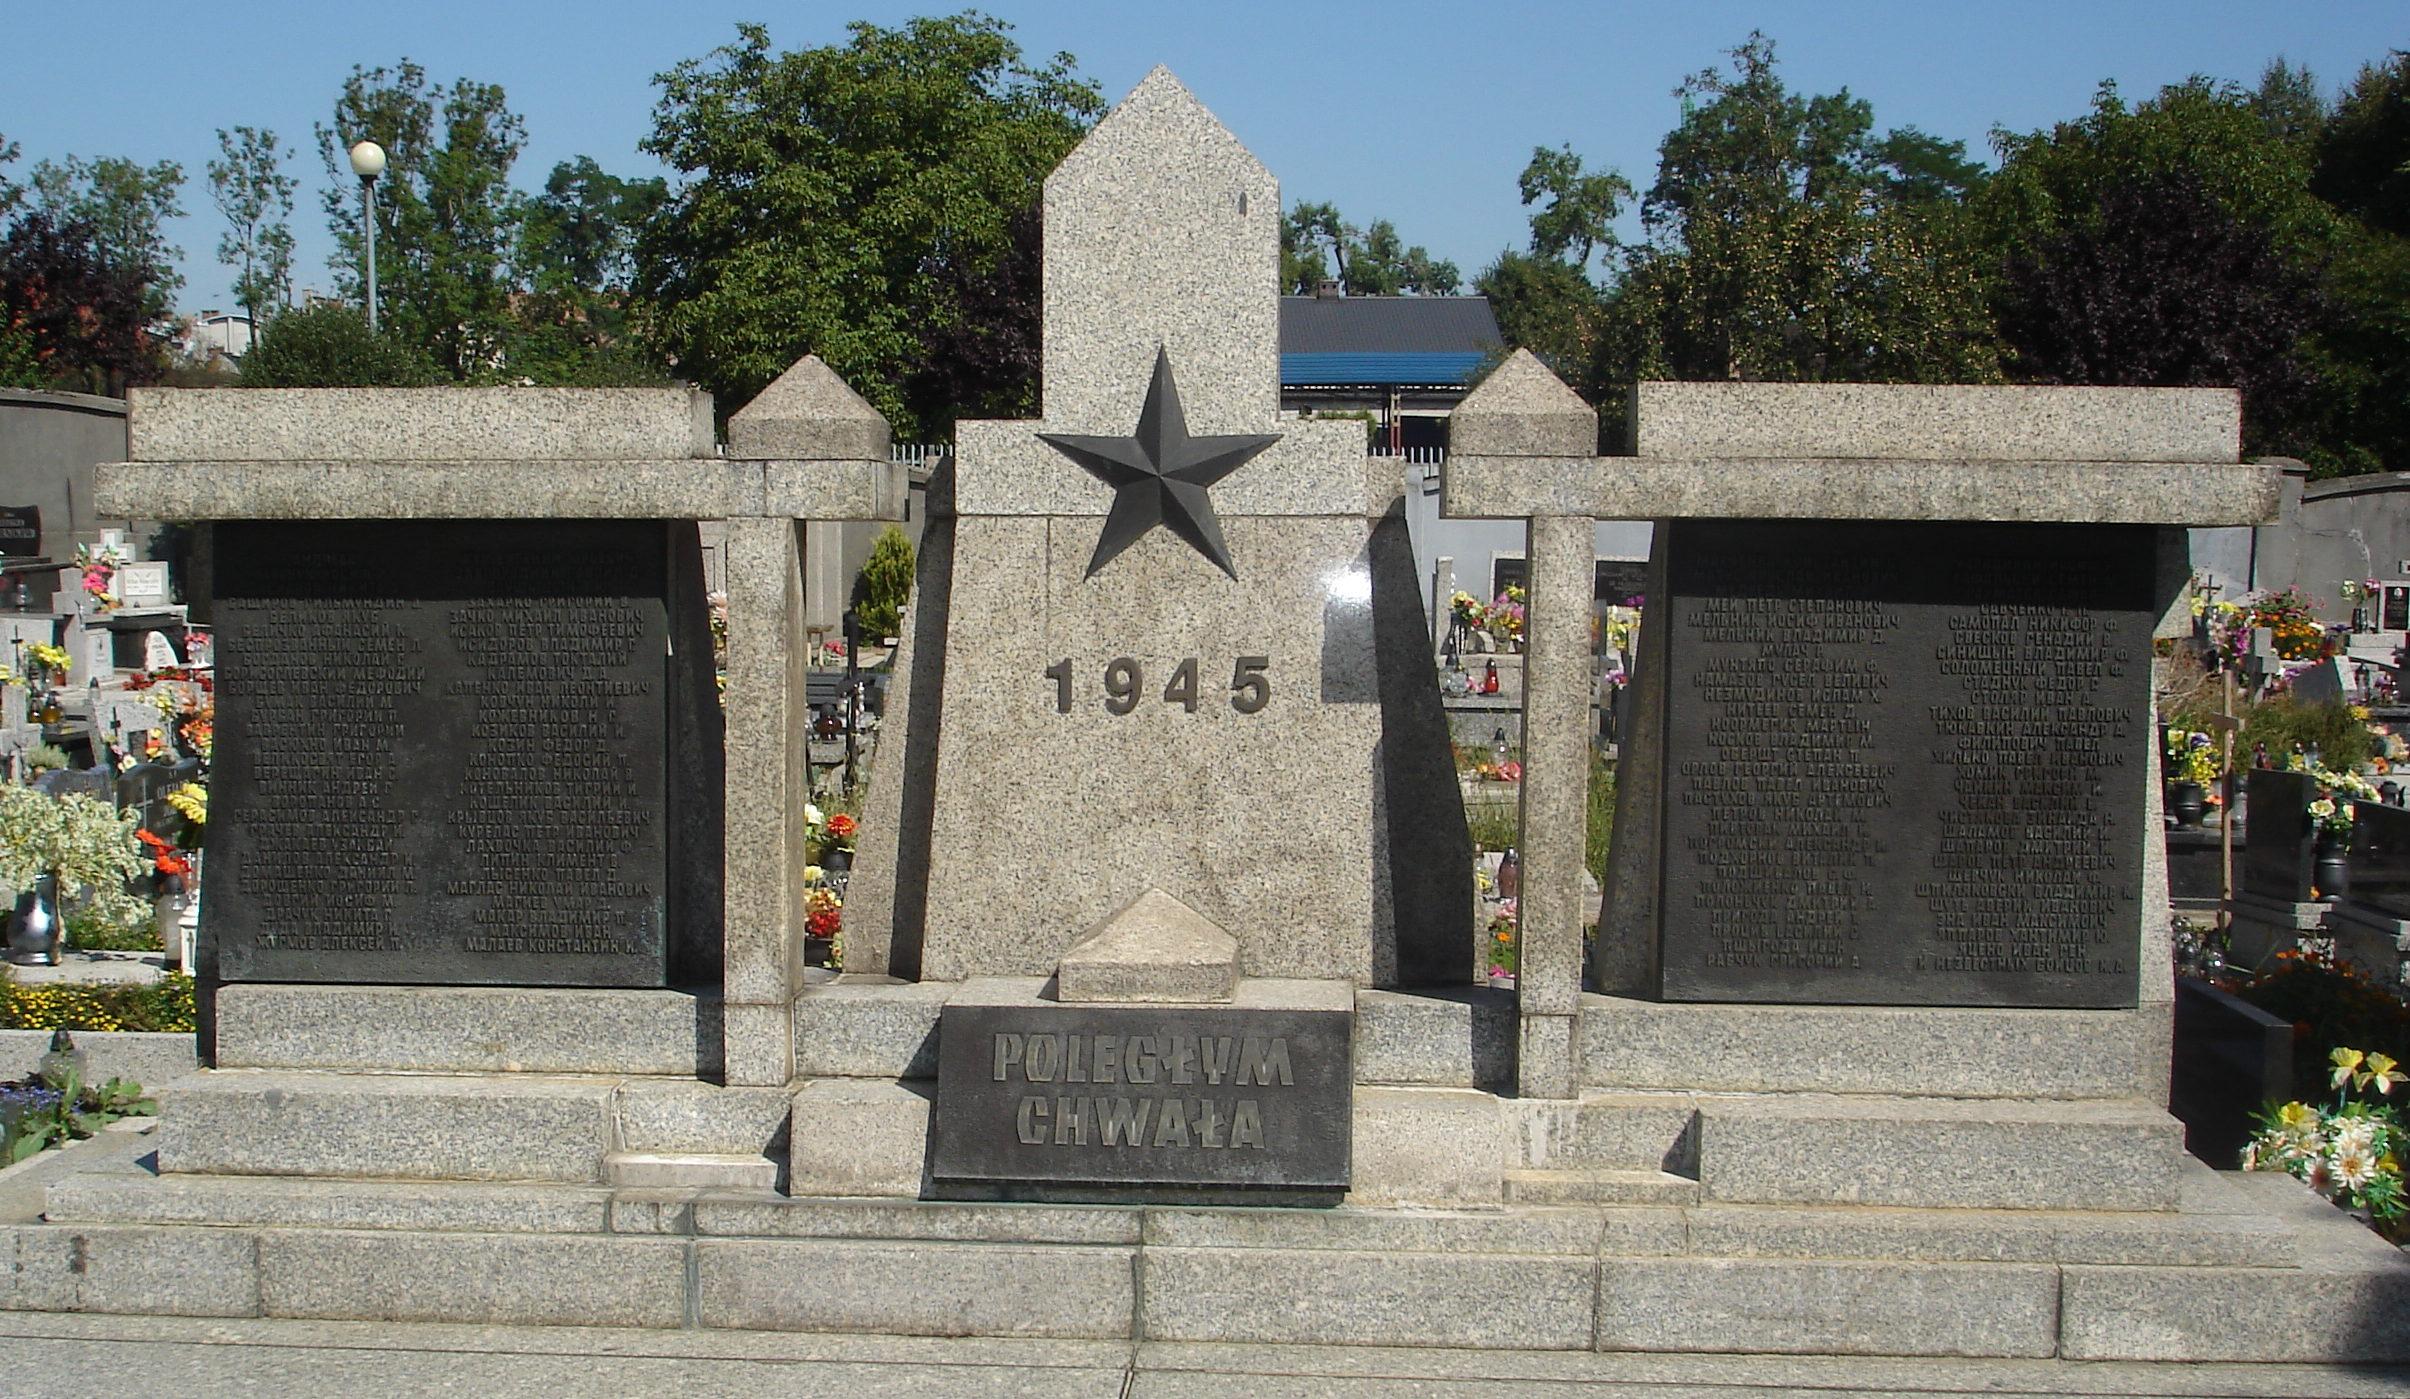 г. Освенцим. Памятник советским воинам установлен на братской могиле воинов Львовской 100-й с.д. из состава 60-й армии 1-го Украинского фронта, которые погибли в боях за город и в его окрестностях.